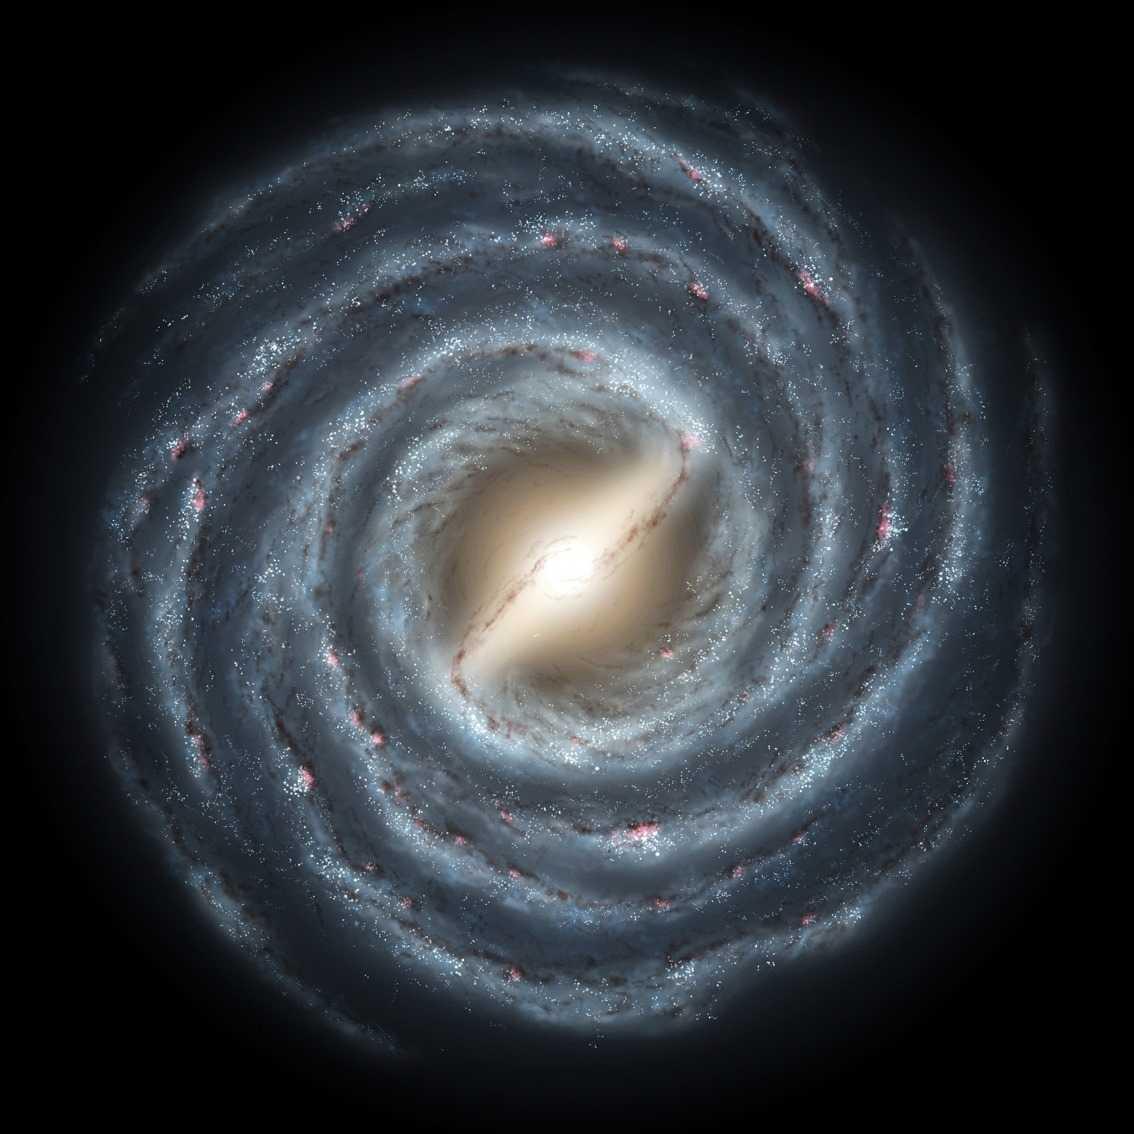 La storia dell'Universo svelata su Focus dal 9 Dicembre | Digitale terrestre: Dtti.it